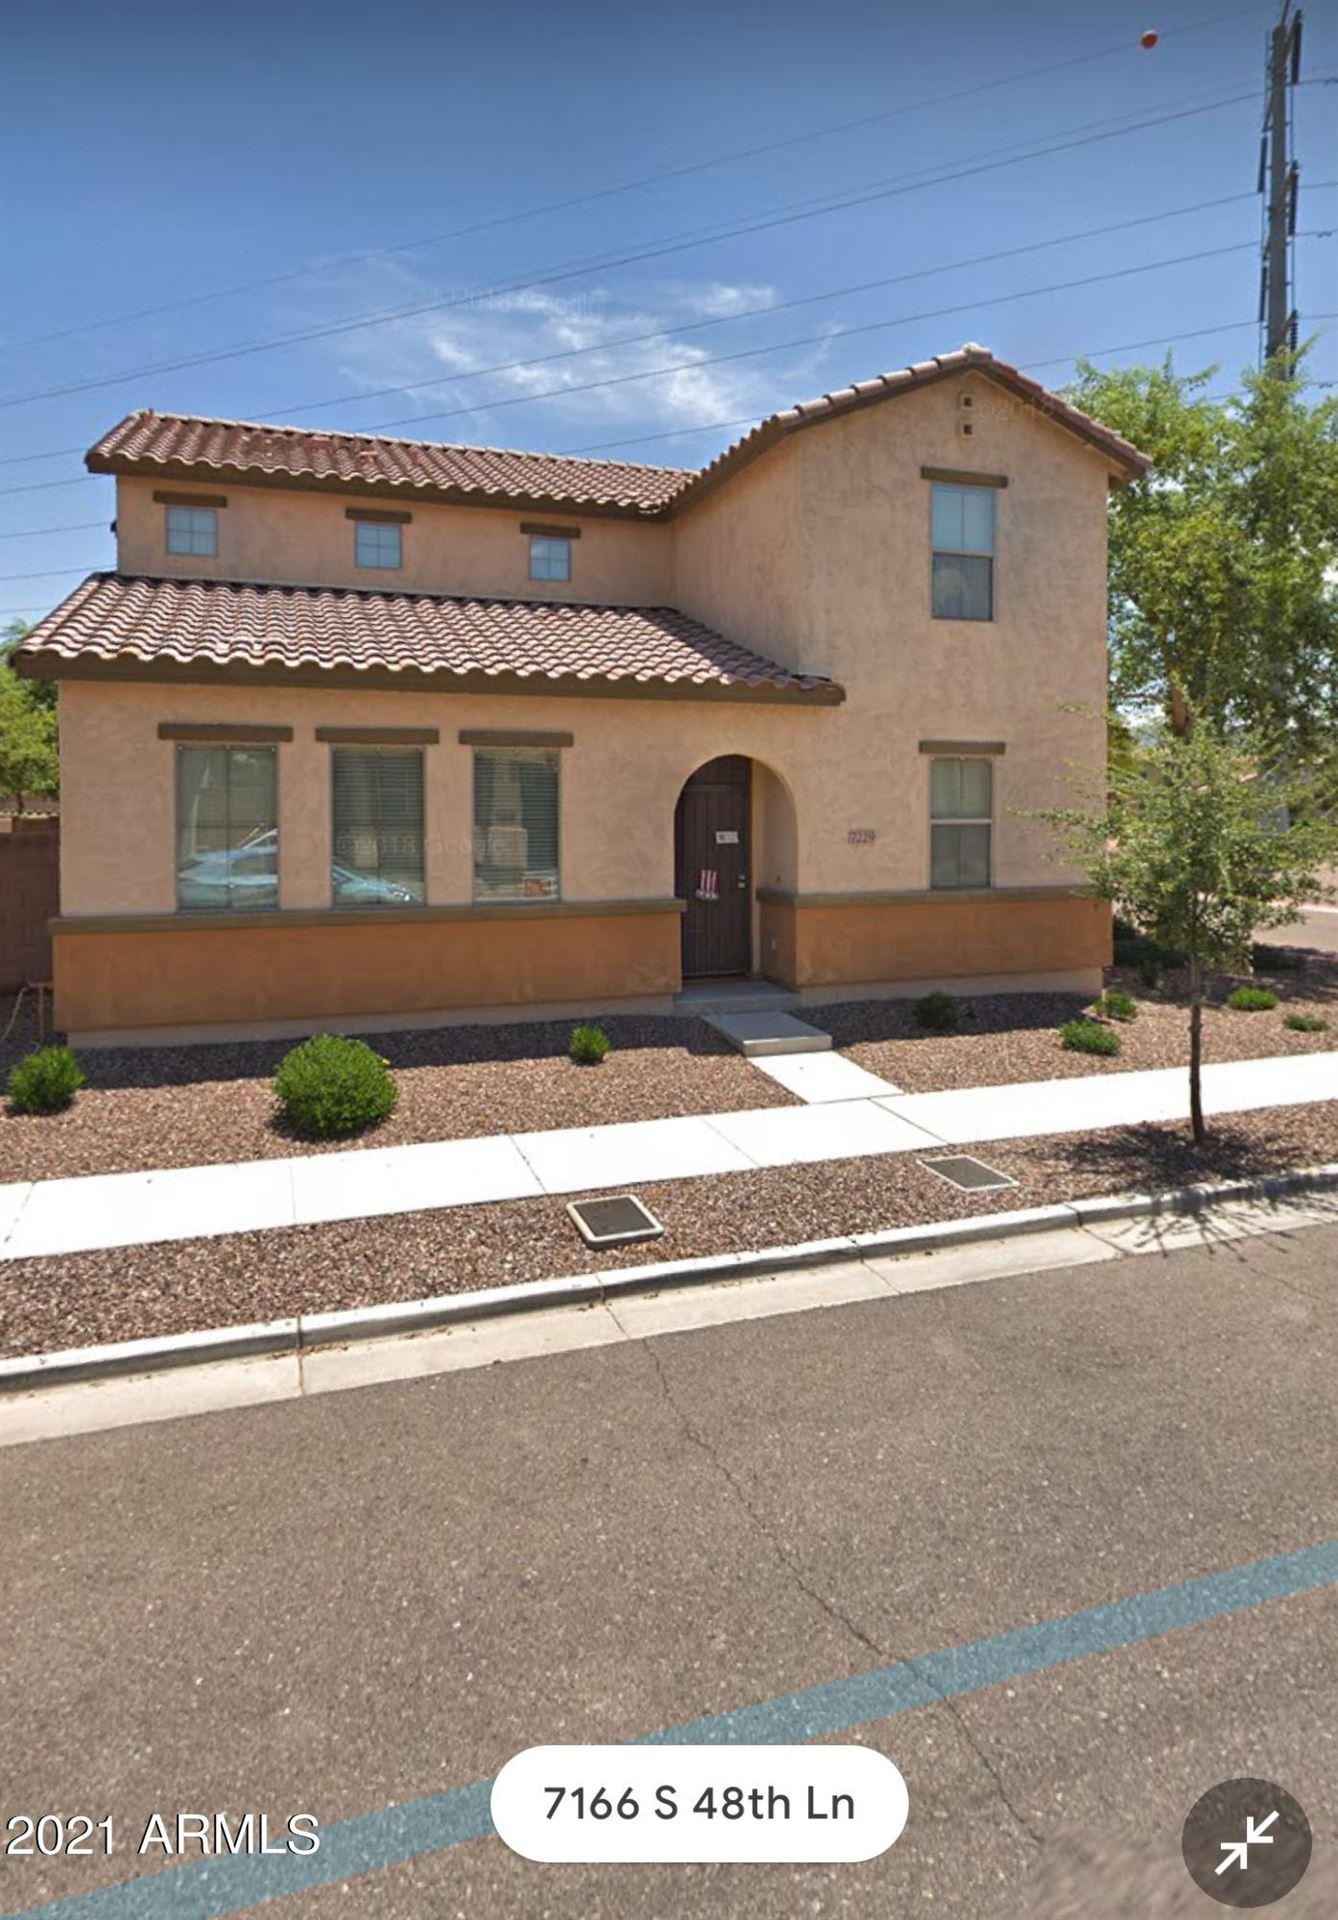 7229 S 48TH Lane, Laveen, AZ 85339 - MLS#: 6235865